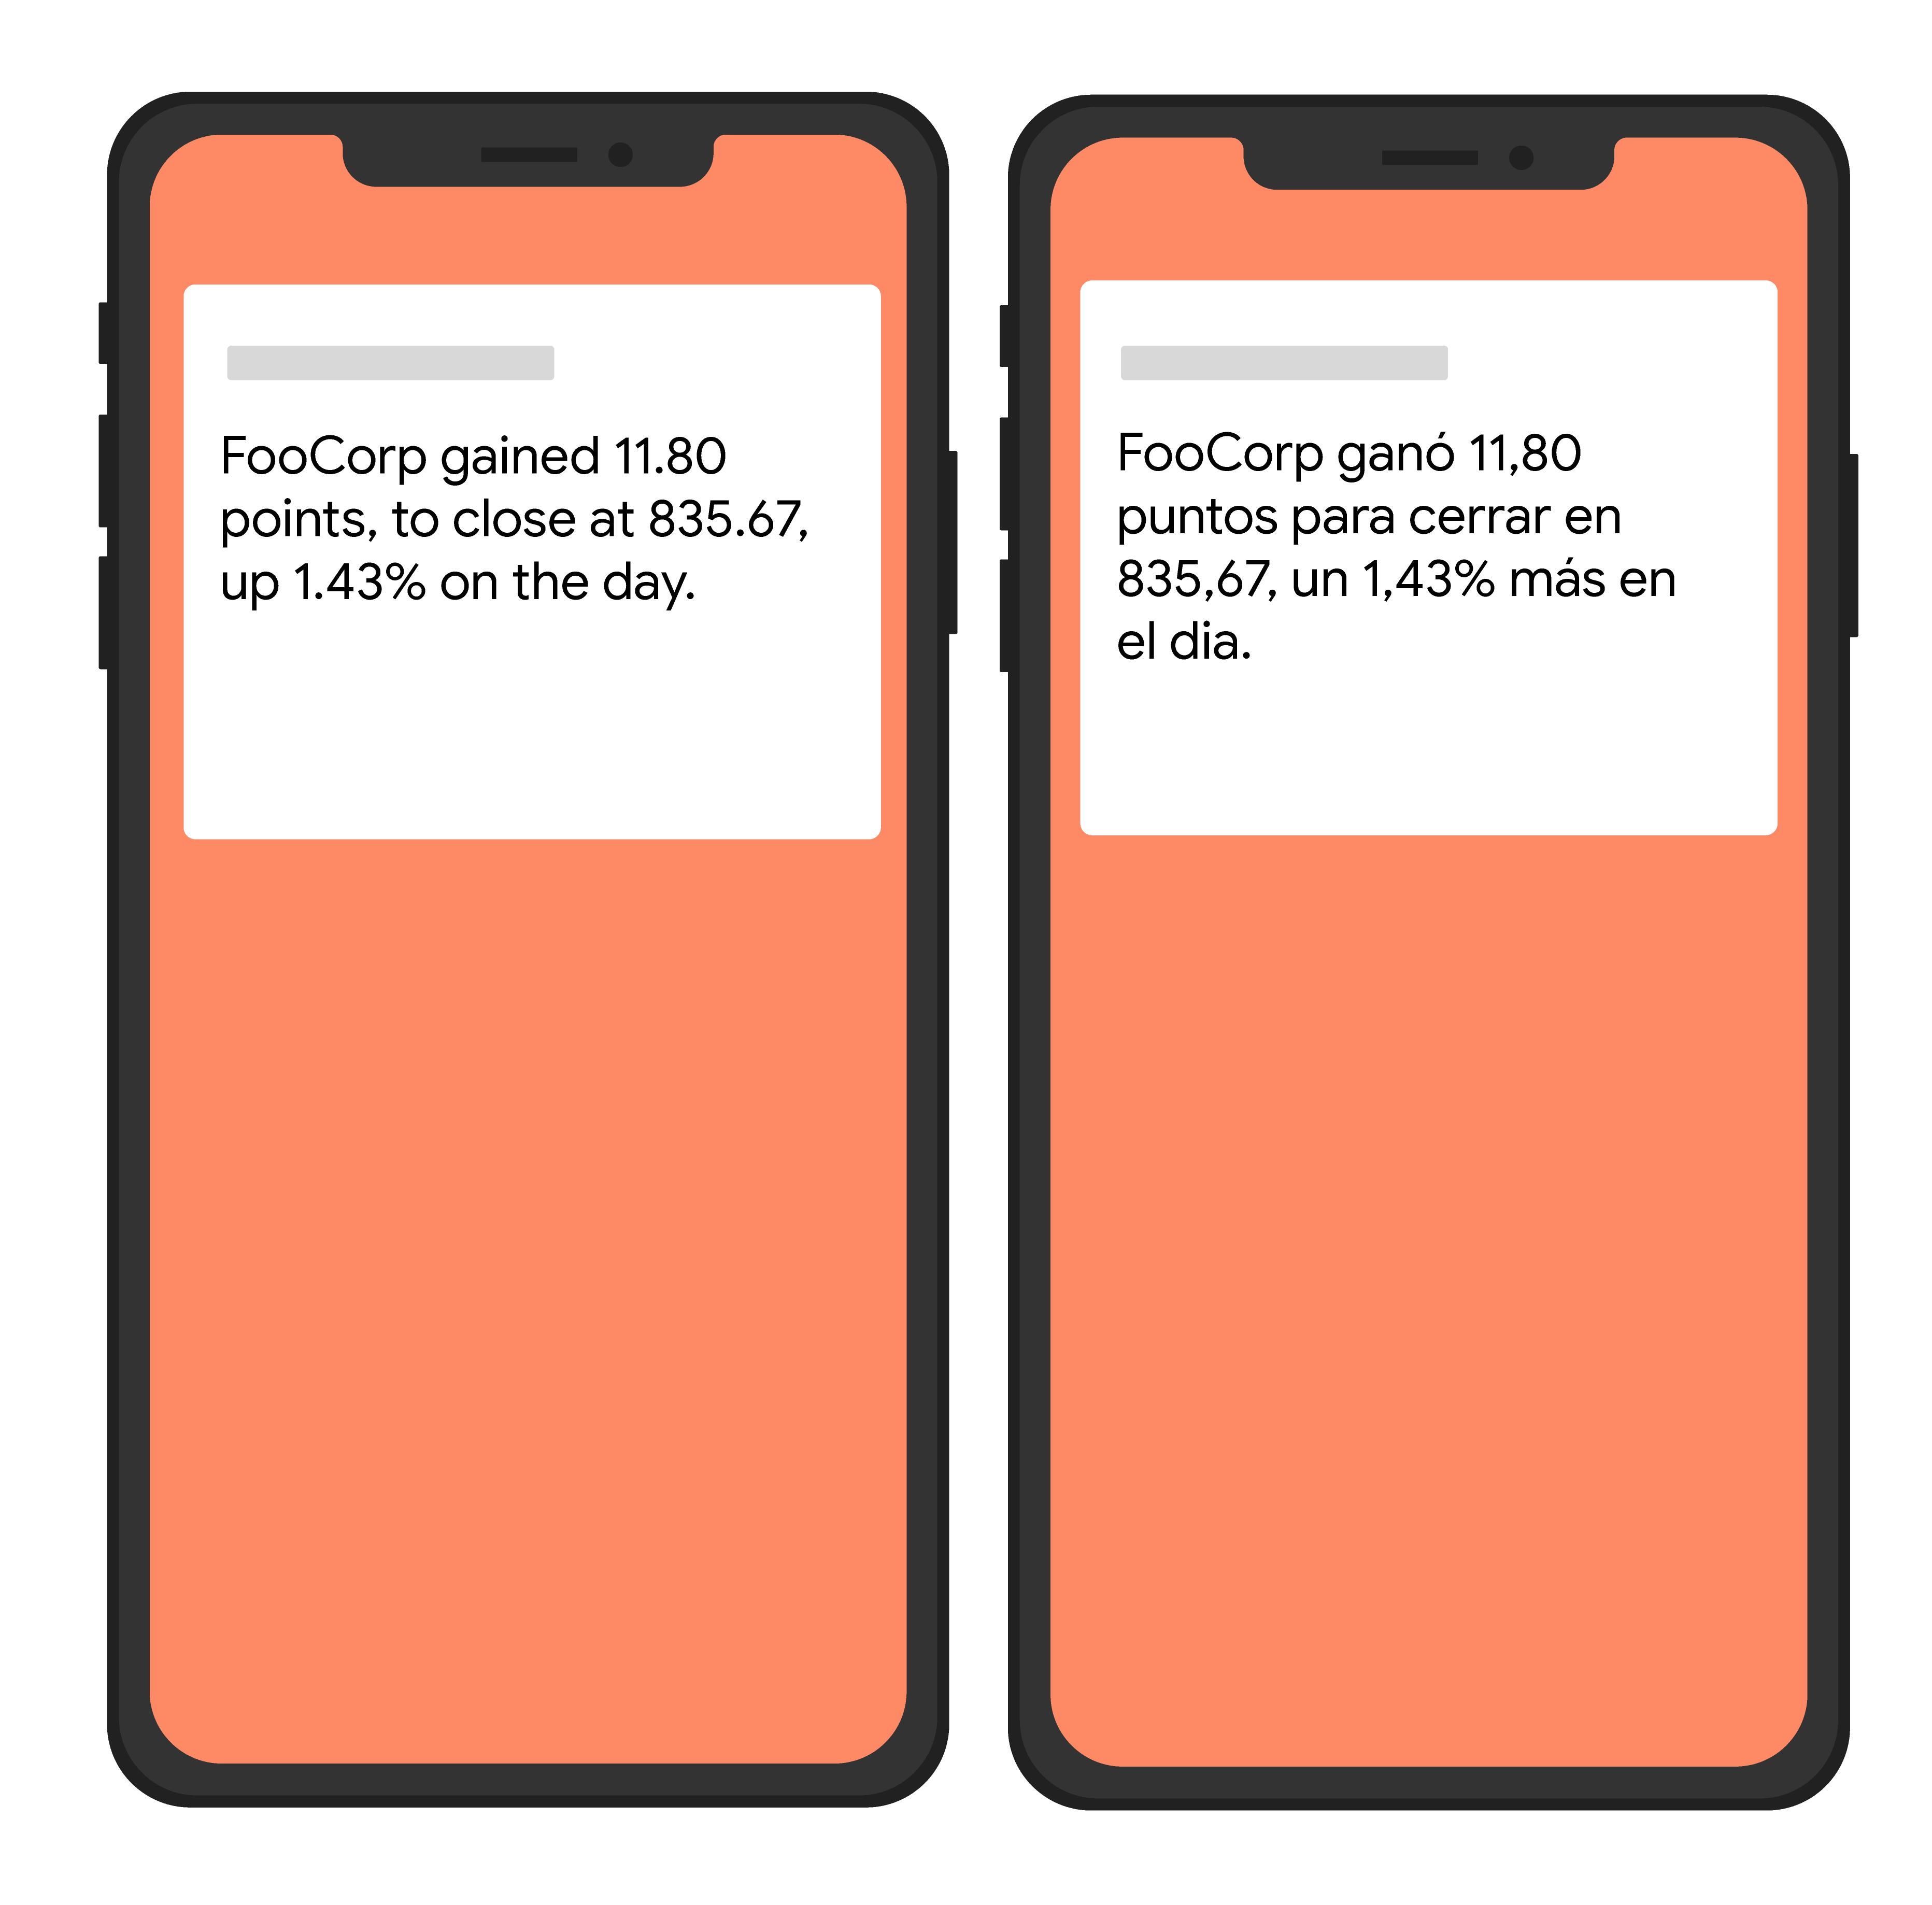 Prosty rysunek dwóch urządzeń wyświetlających tekst w języku angielskim i hiszpańskim